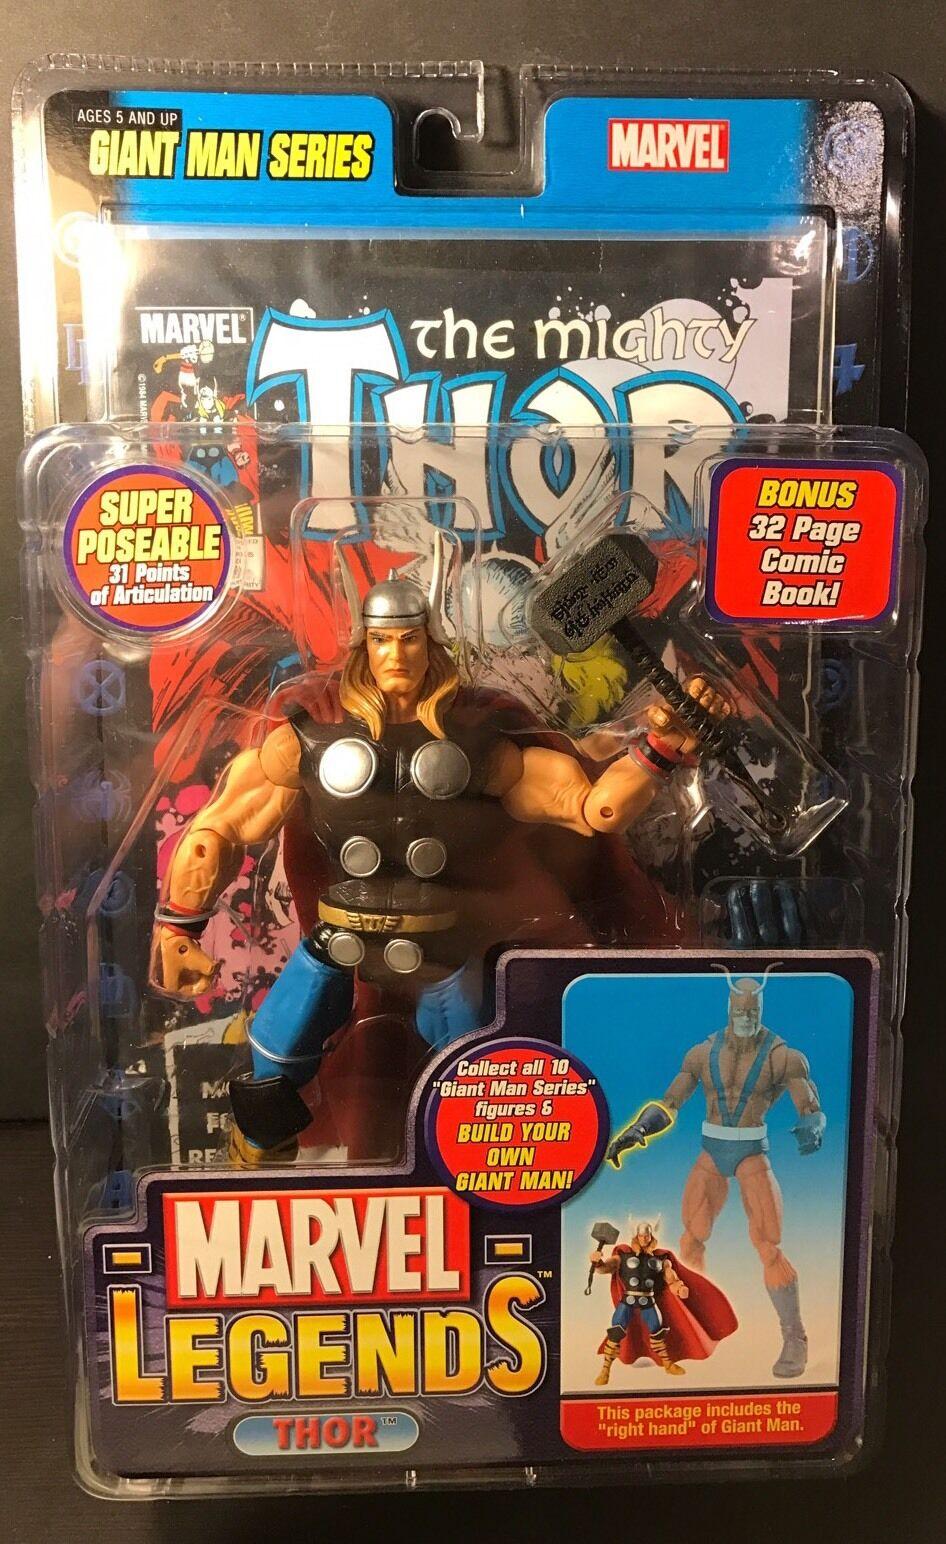 Marvel avengers wal-mart riesiger mann serie legenden thor